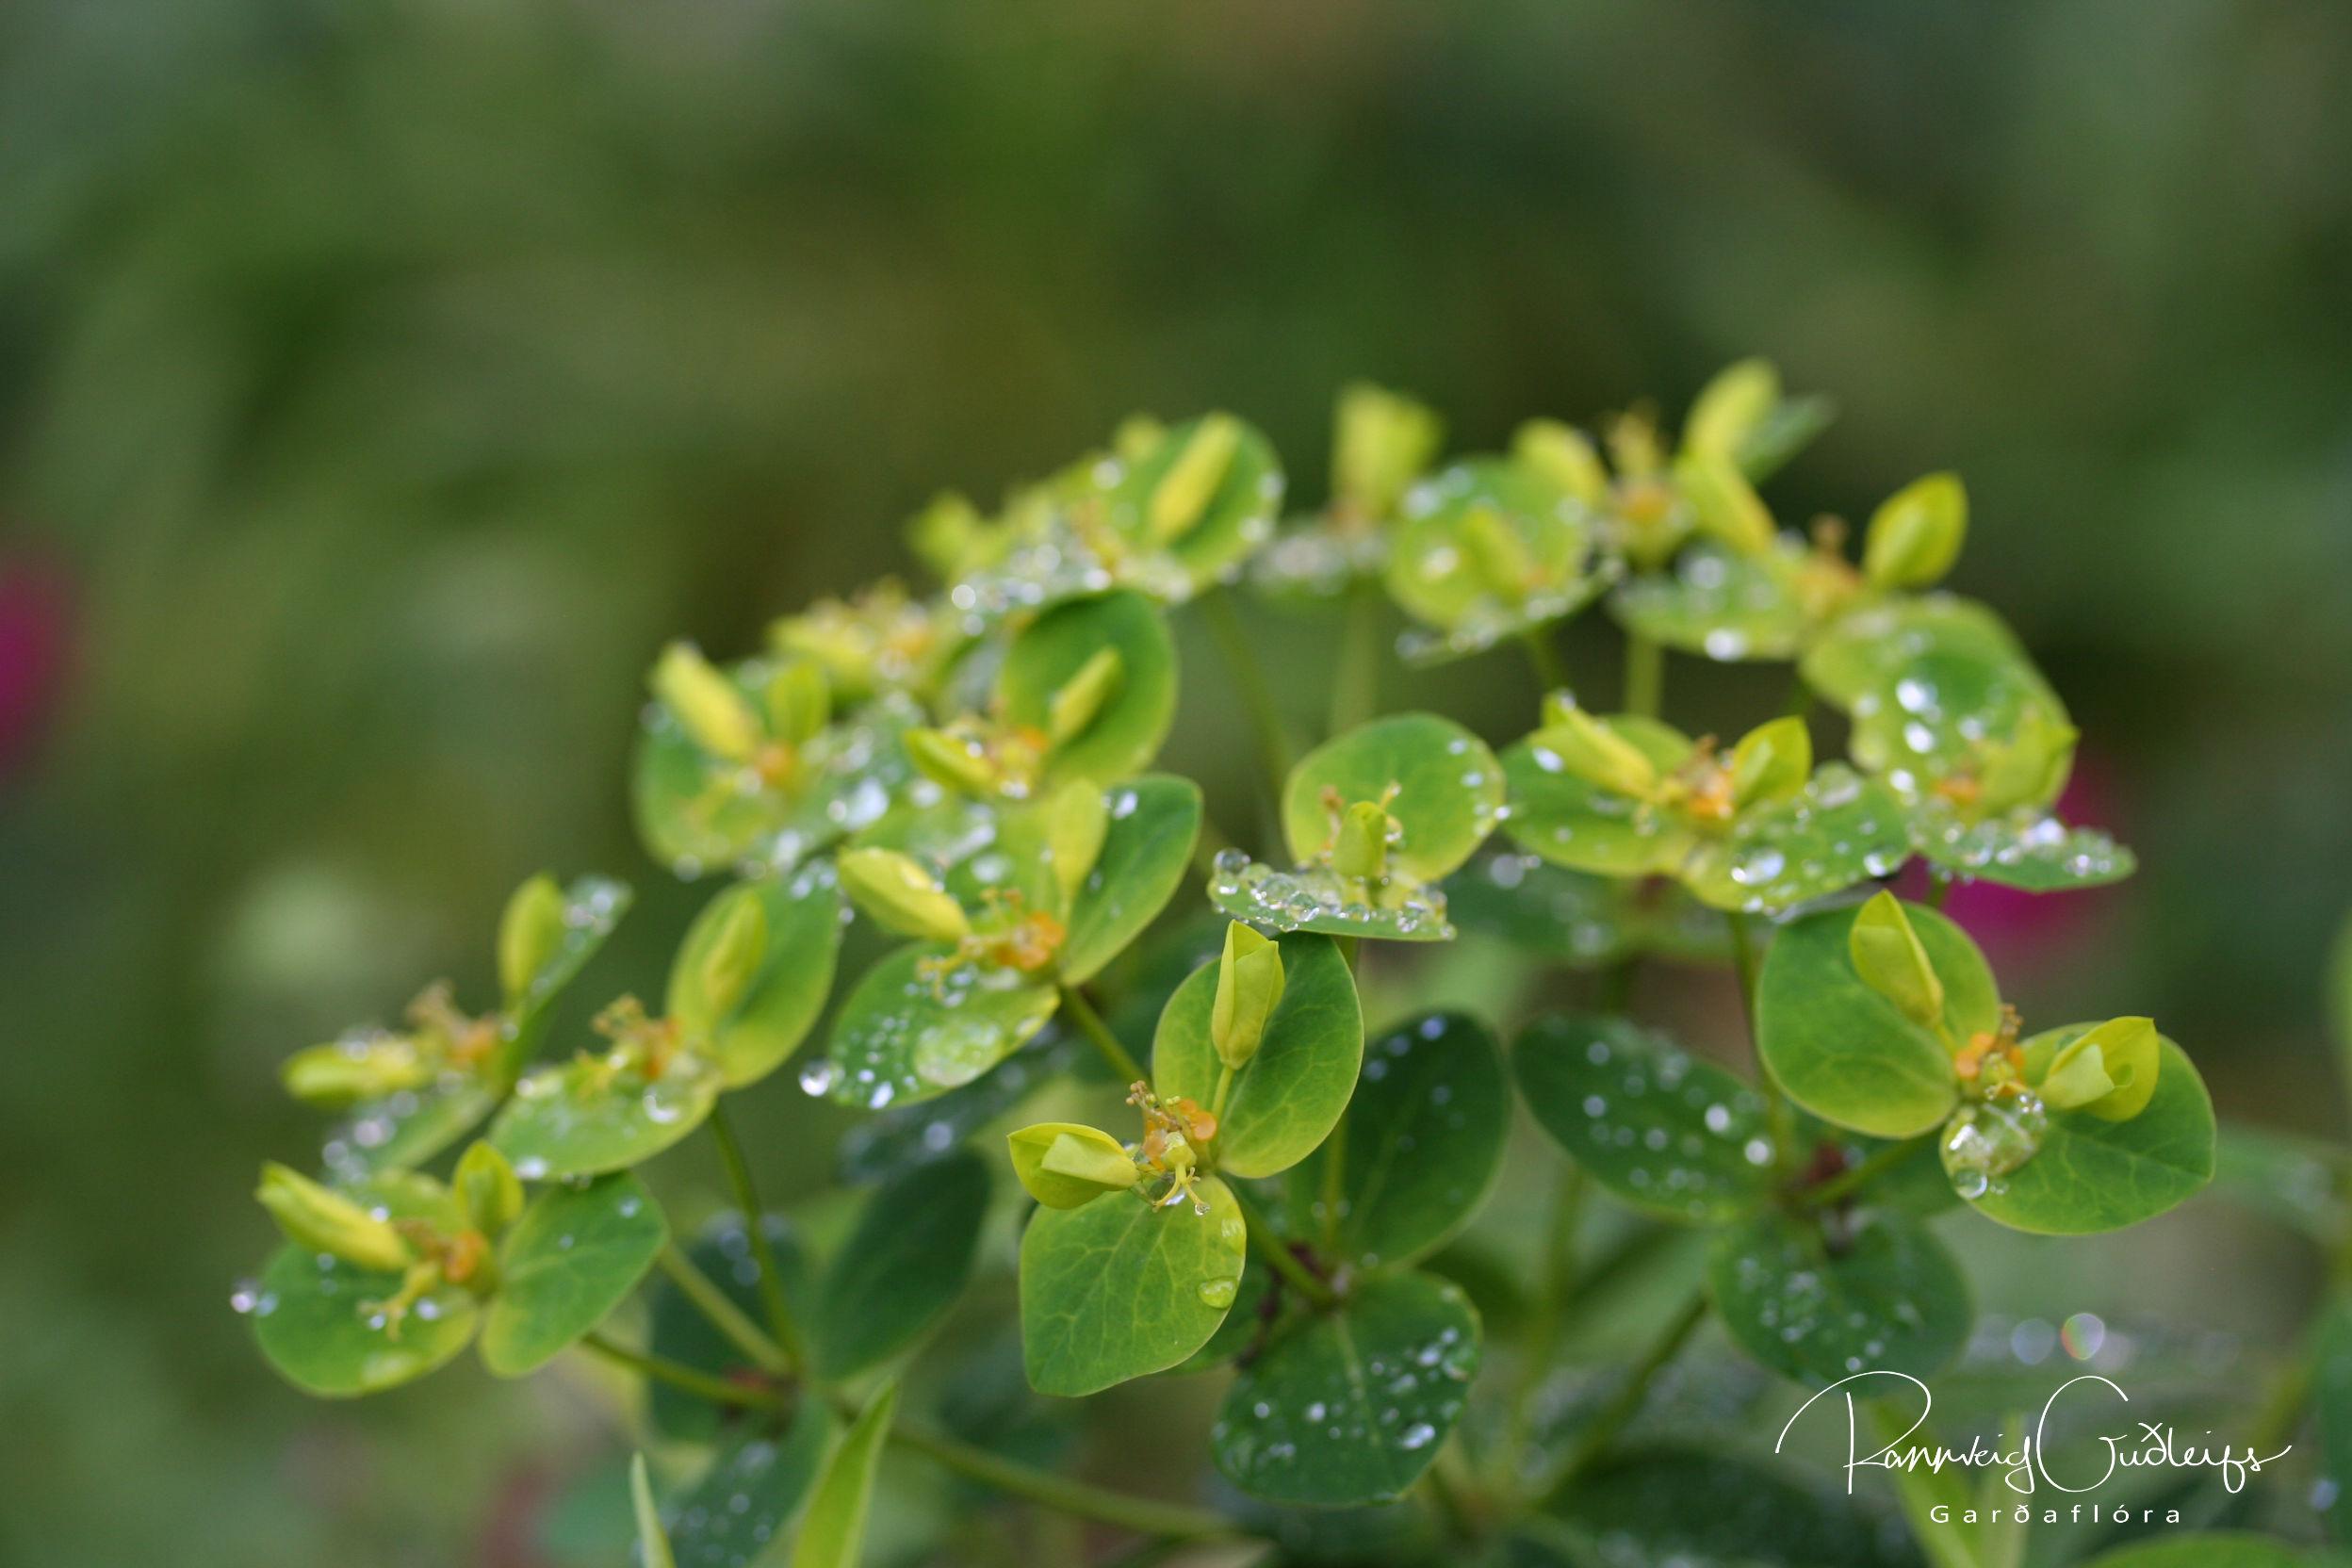 Euphorbia longifolia 'Amjillasa'